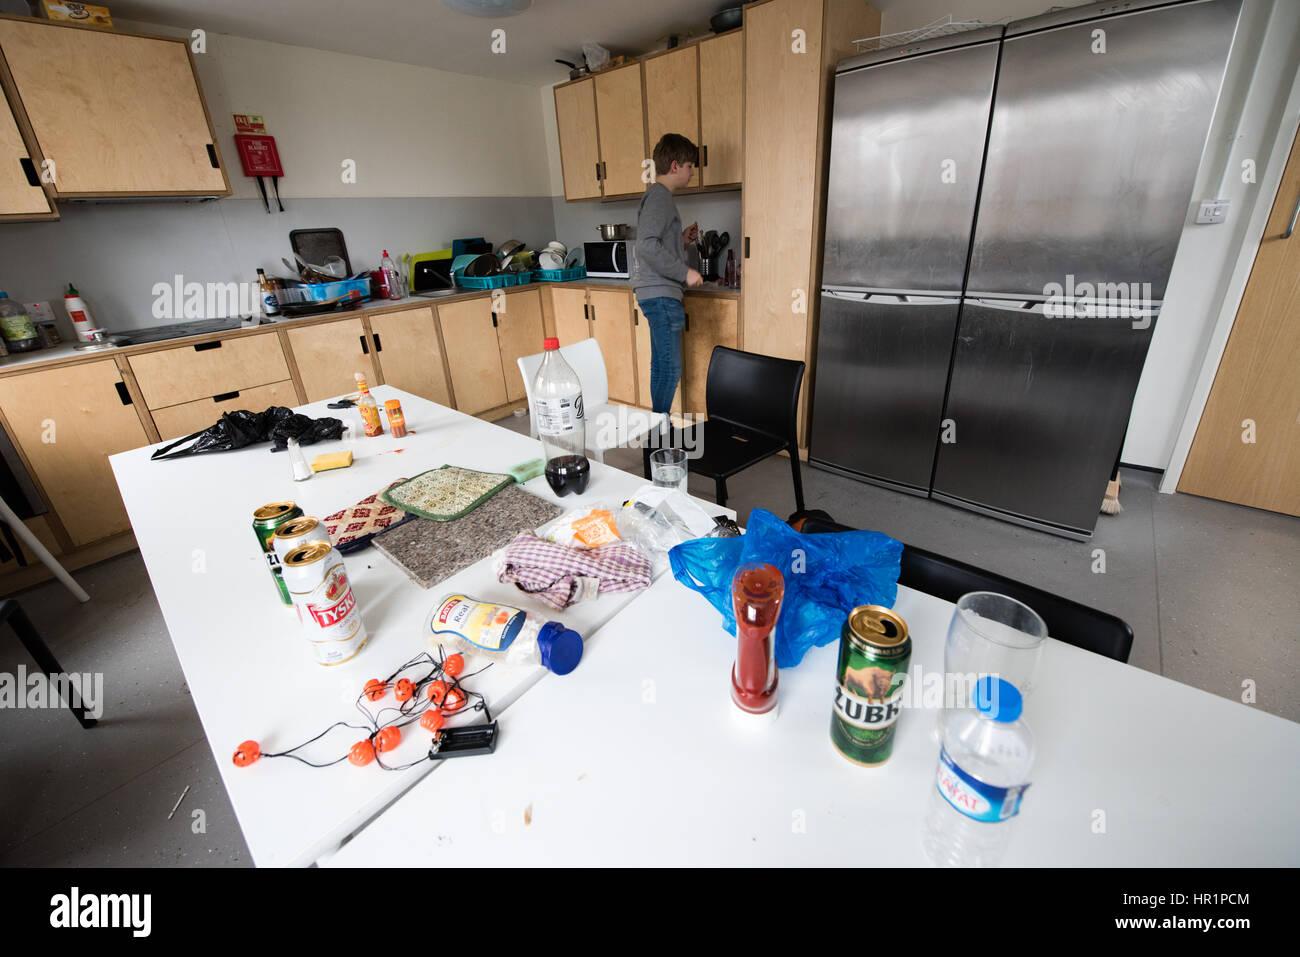 Sporco confuso studente cucina condivisa con pile di lavaggio fino dal lavandino e un tavolo comunale disseminato Immagini Stock